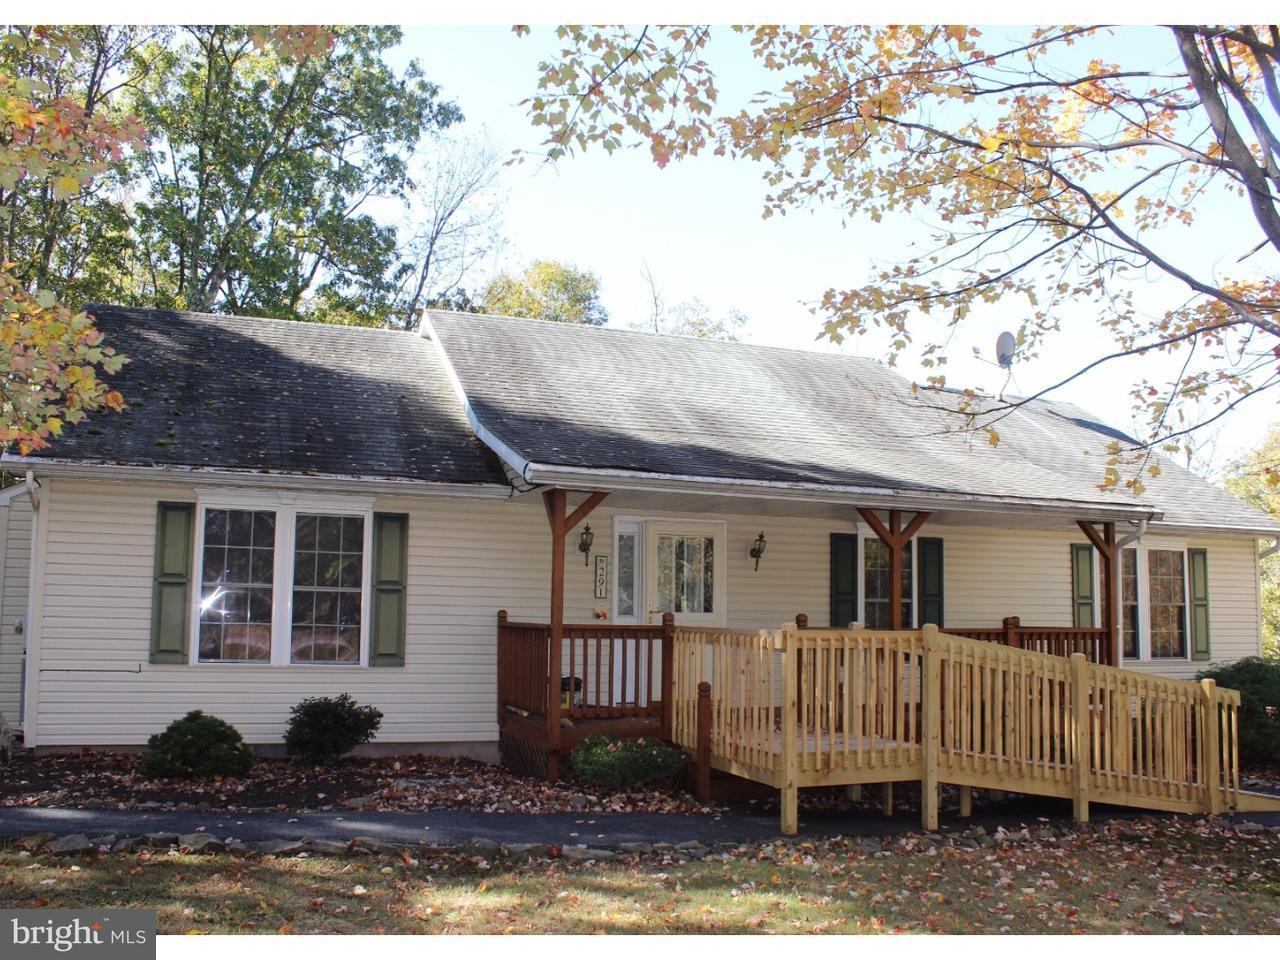 Частный односемейный дом для того Продажа на 291 W SPRING MOUNTAIN Drive Zion Grove, Пенсильвания 18242 Соединенные Штаты